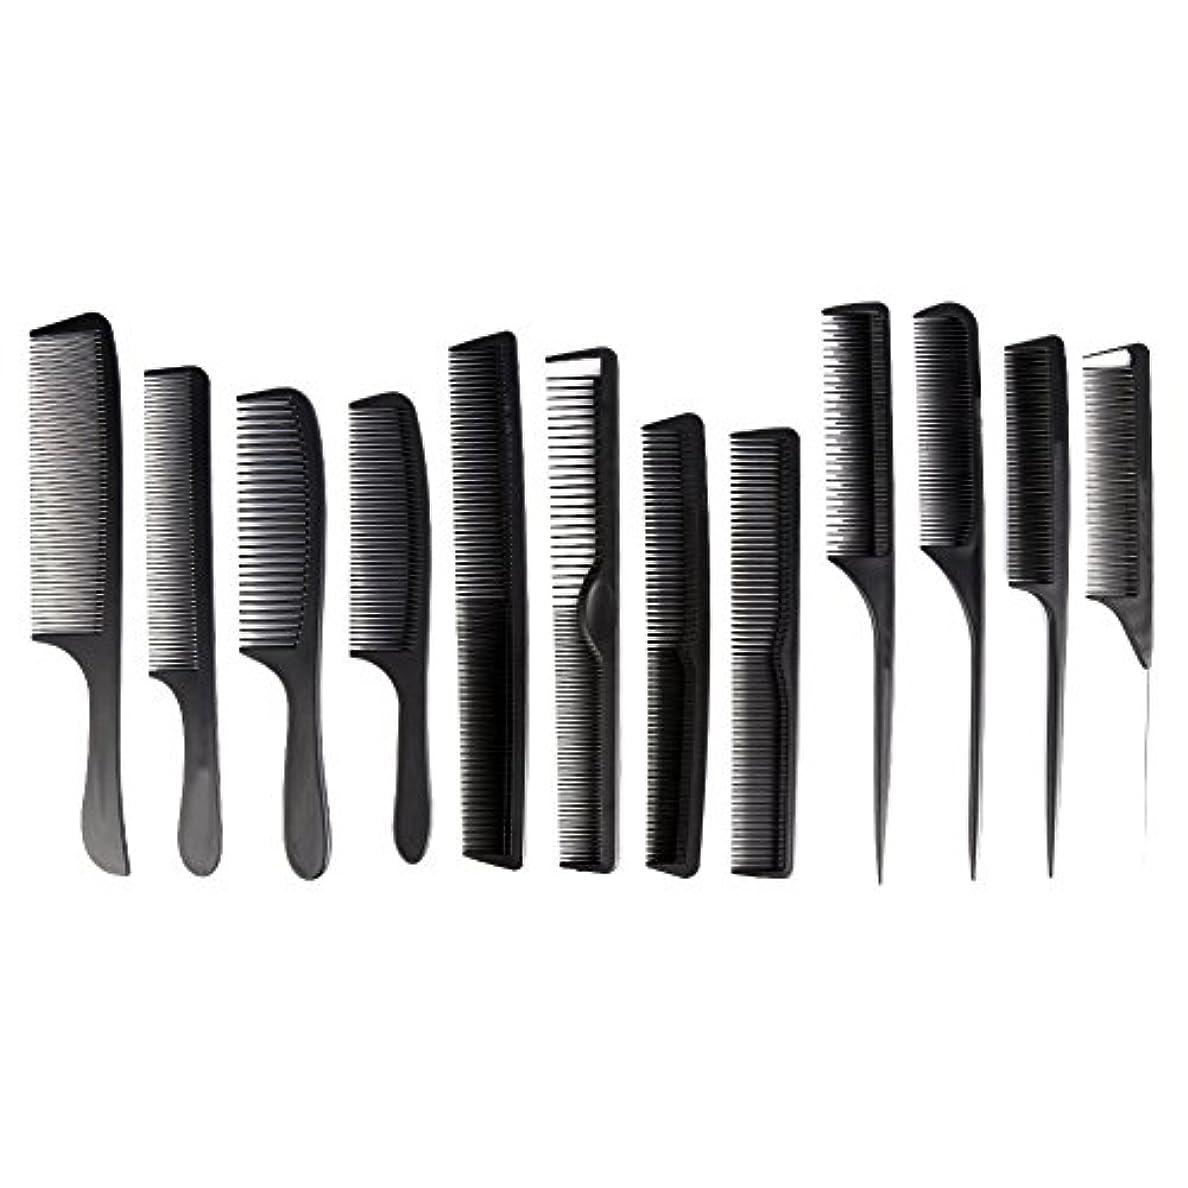 文明化するようこそ規模カットコーム 散髪用コーム コームセット12点セット プロ用ヘアコーム  静電気減少 軽量 サロン/美容室/床屋など適用